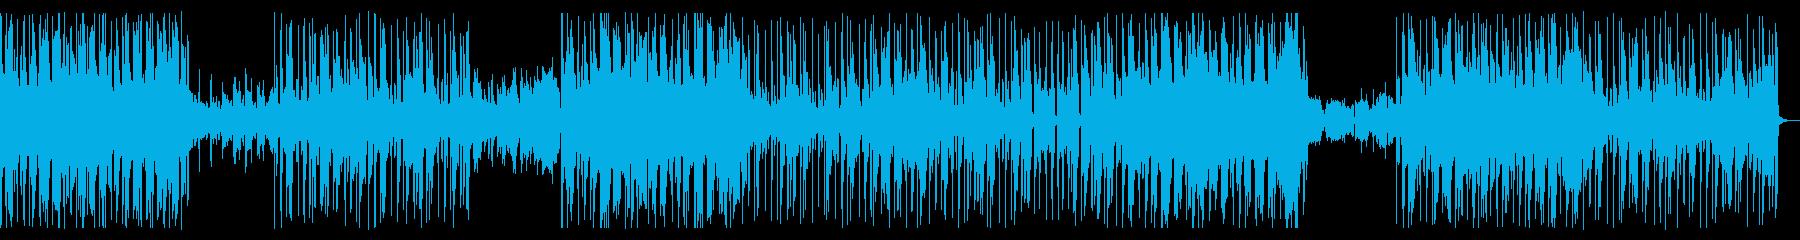 Neo Soul系のおしゃれなインストの再生済みの波形